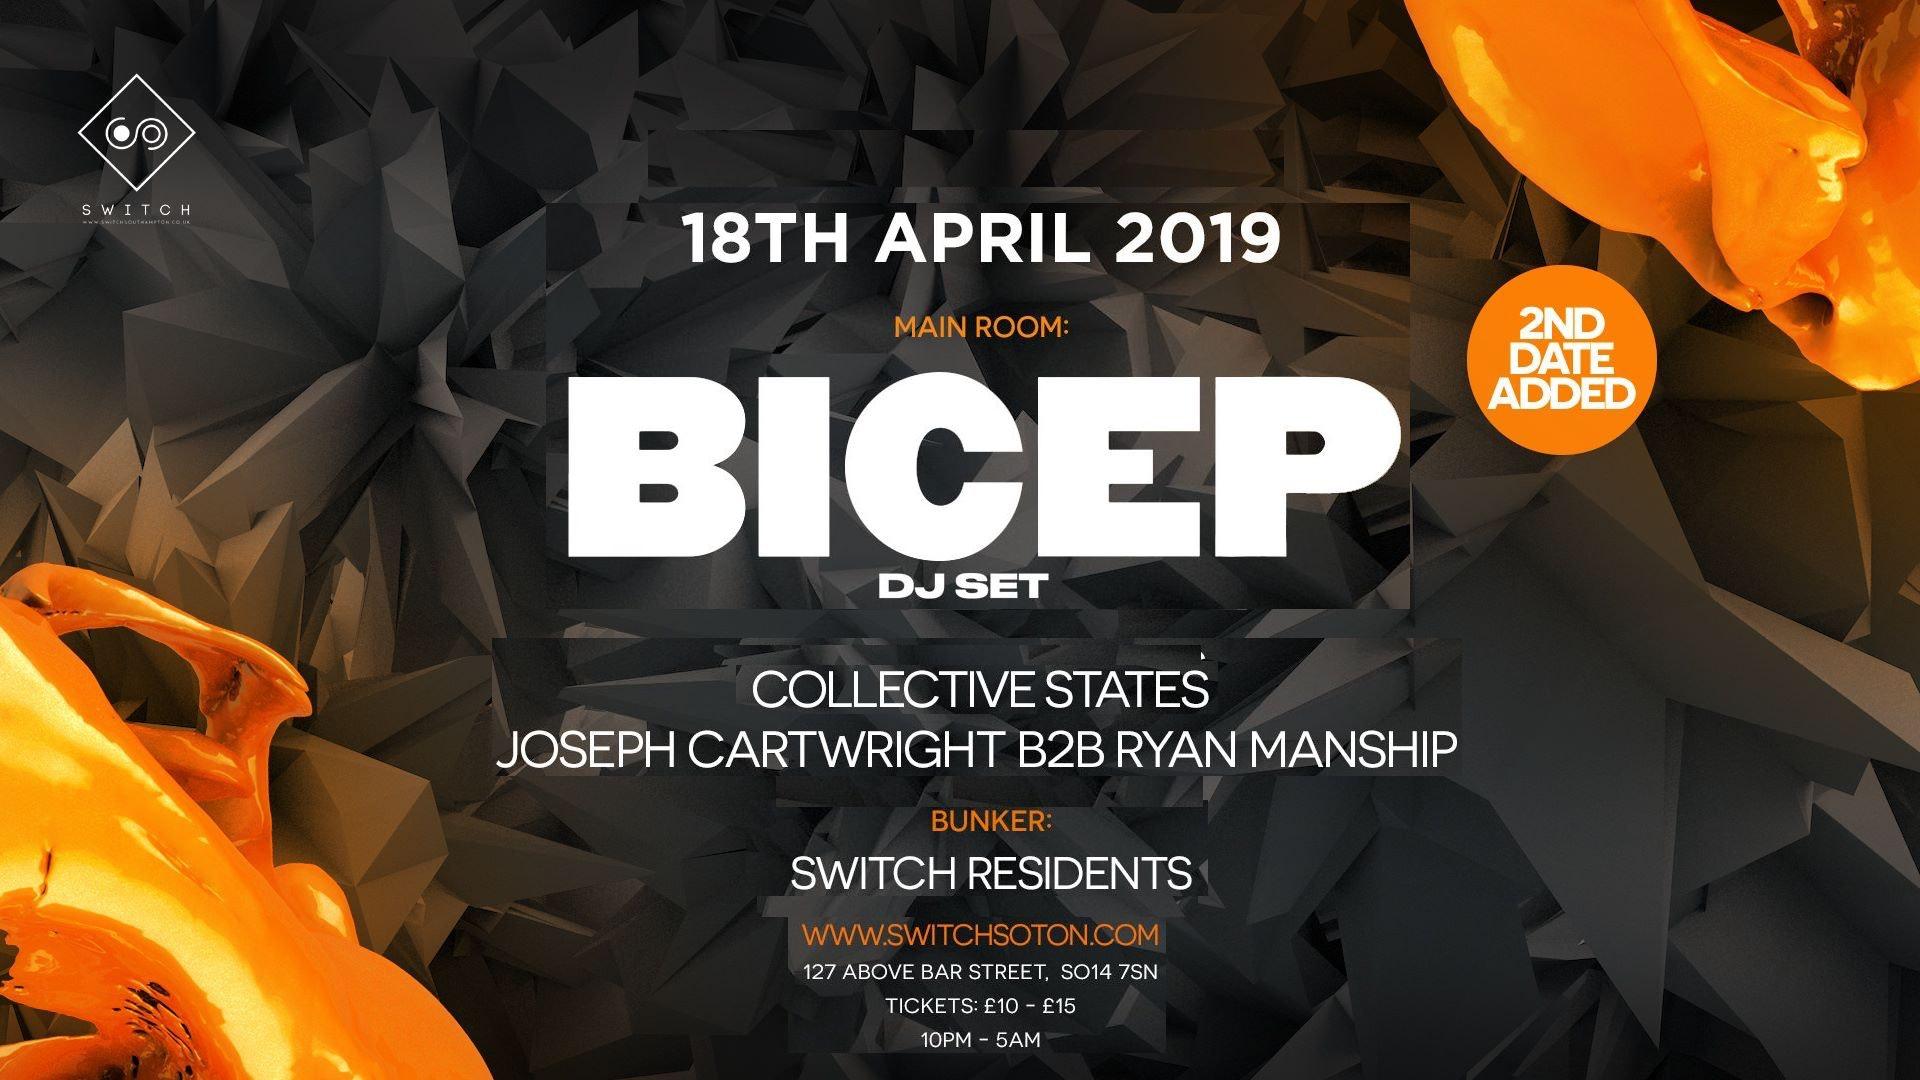 BICEP • Easter Thursday, 18th April